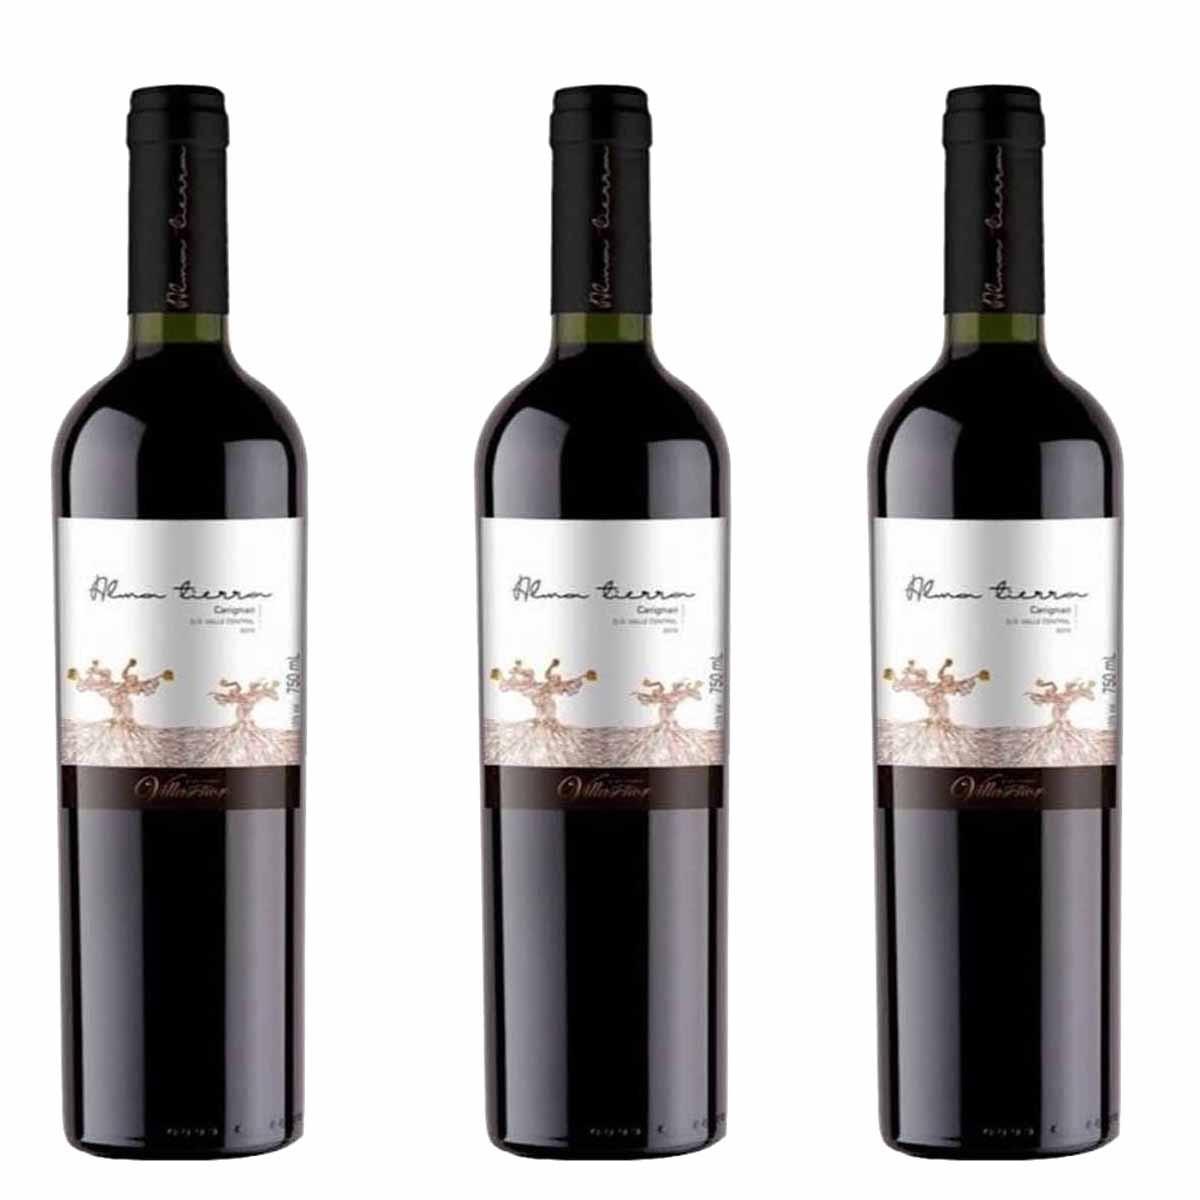 Kit 3x Vinho Tinto Chileno Alma Tierra Carmenere 2019